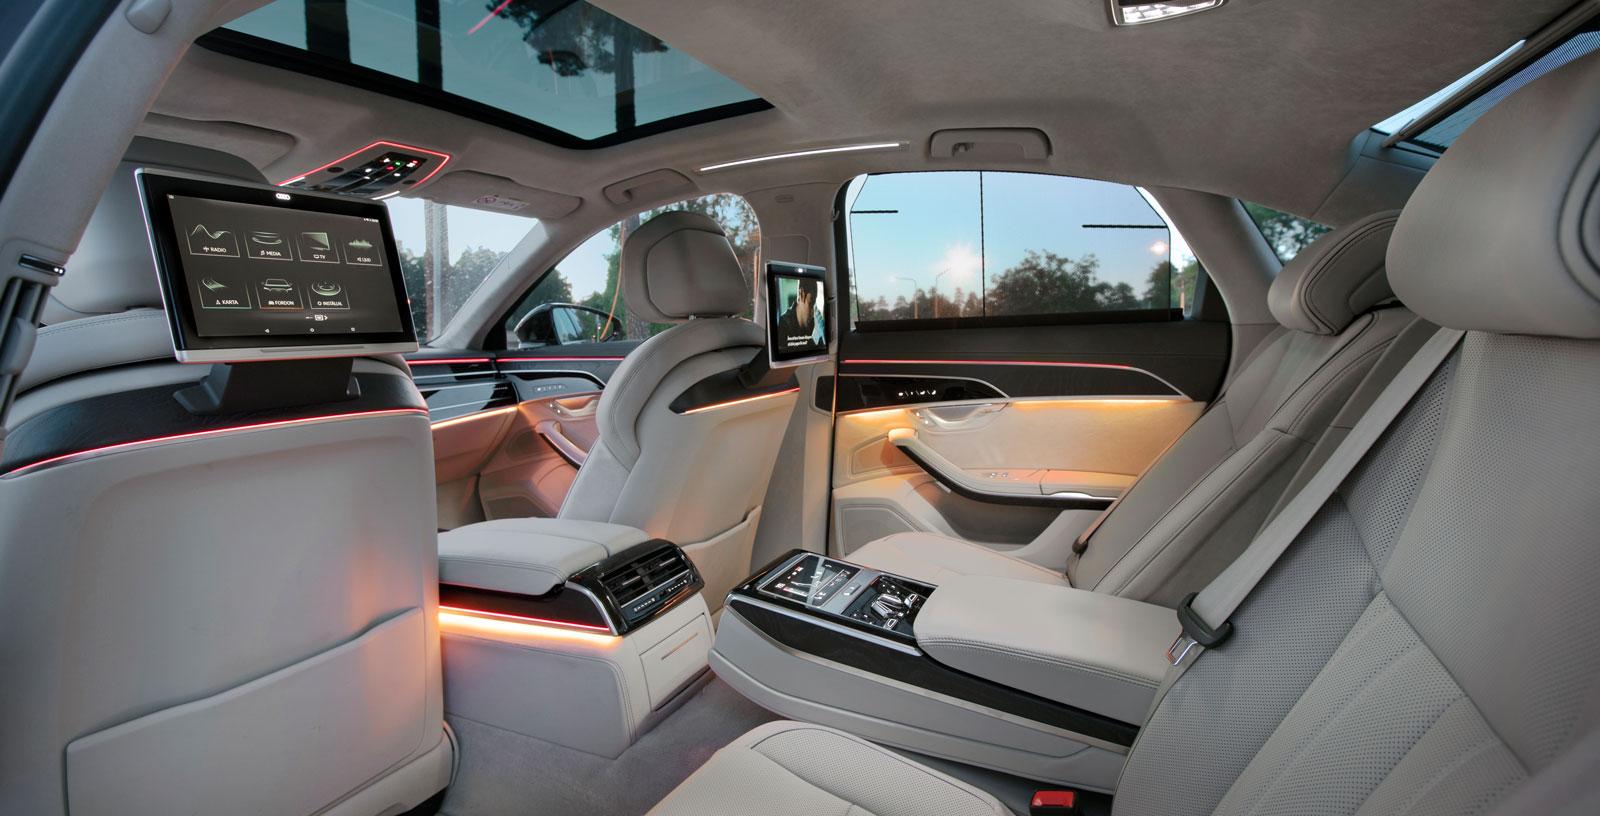 Satsar man de extra tusenlappar som krävs finns mycket att välja på för att göra Audis baksäte maximalt bekvämt. Så här såg det ut i vår testbil.